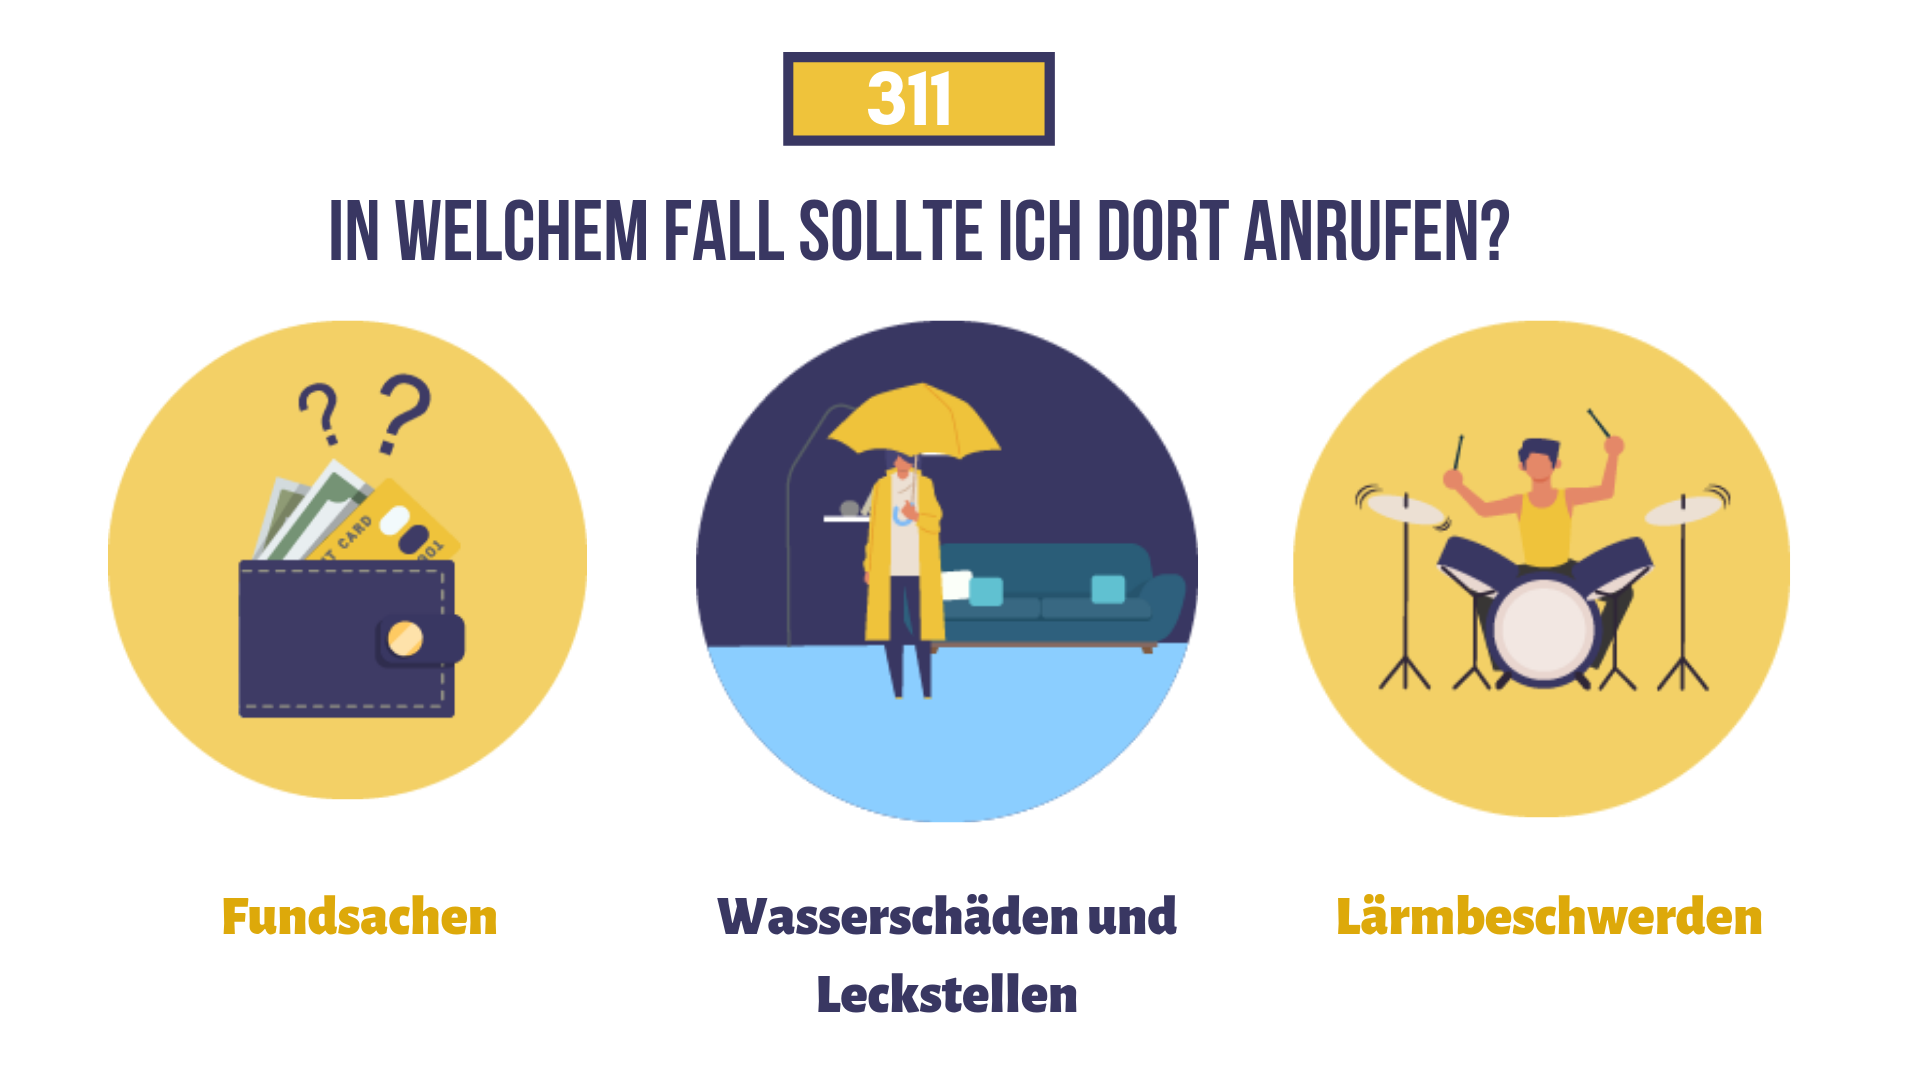 Infografik, die verschiedene Situationen darstellt, bei denen die 311 weiterhelfen kann.